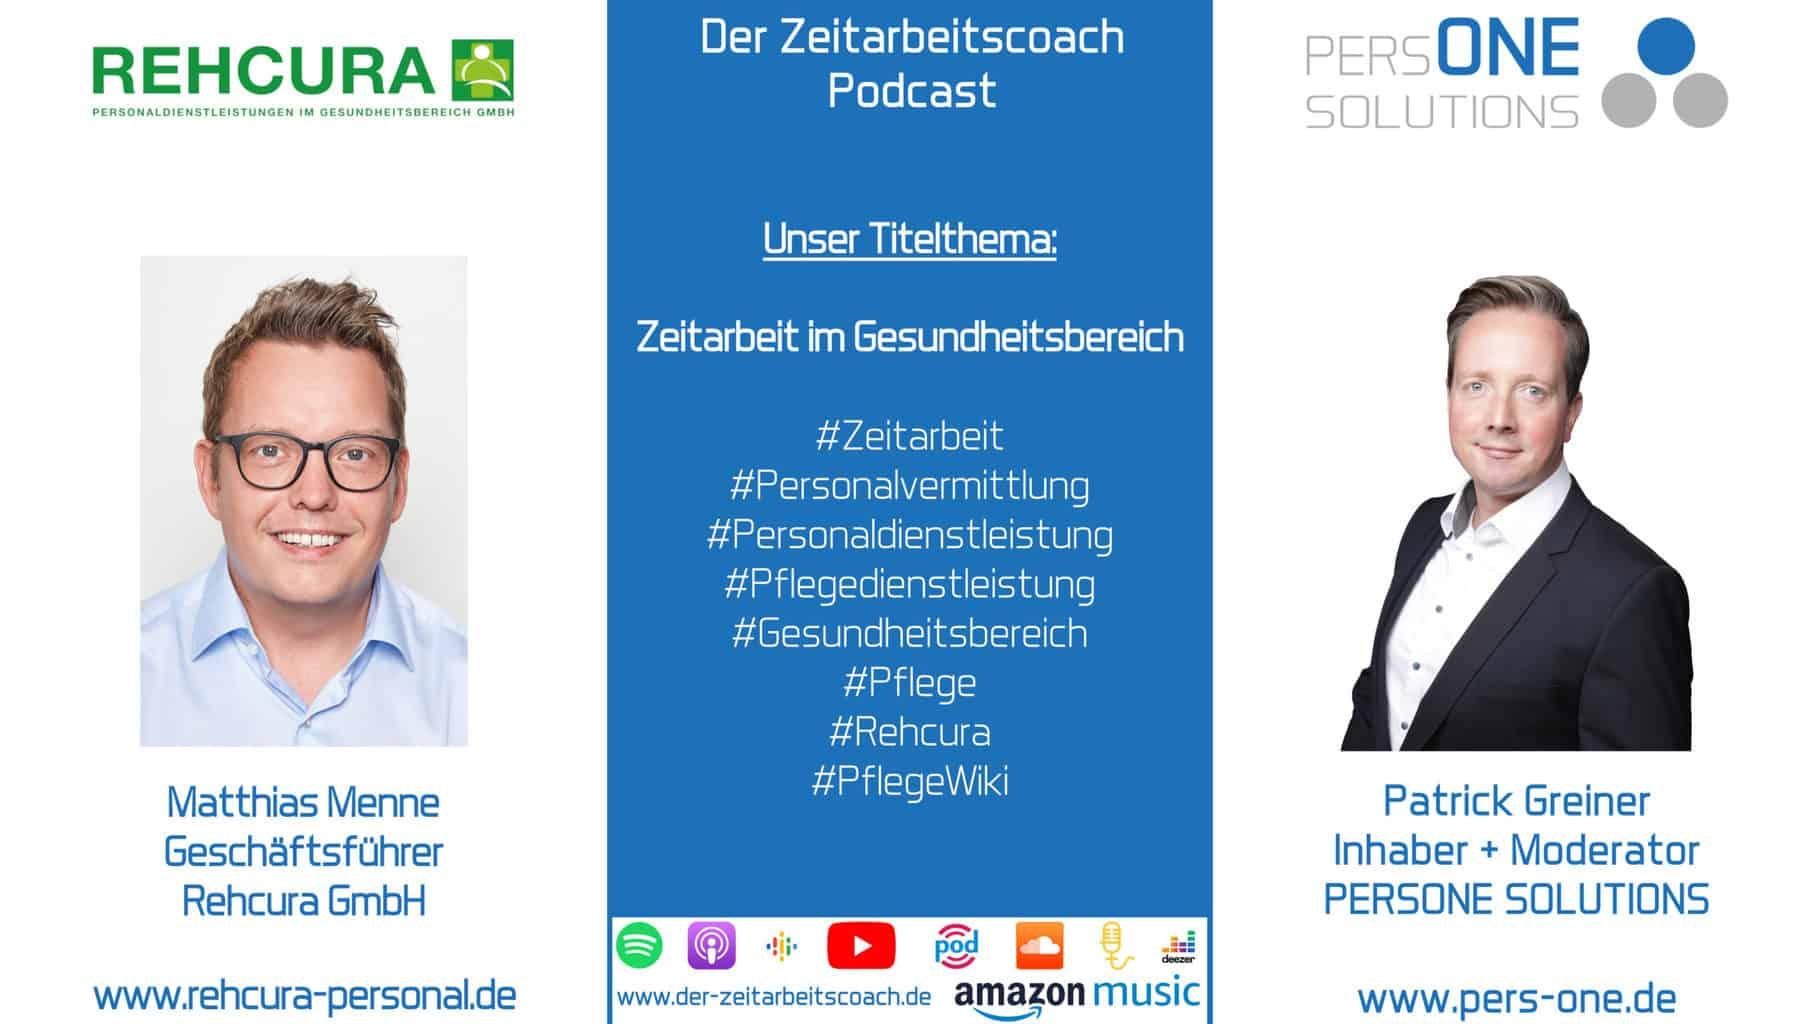 Zeitarbeit im Gesundheitsbereich   Matthias Menne im Zeitarbeitscoach Podcast-Interview